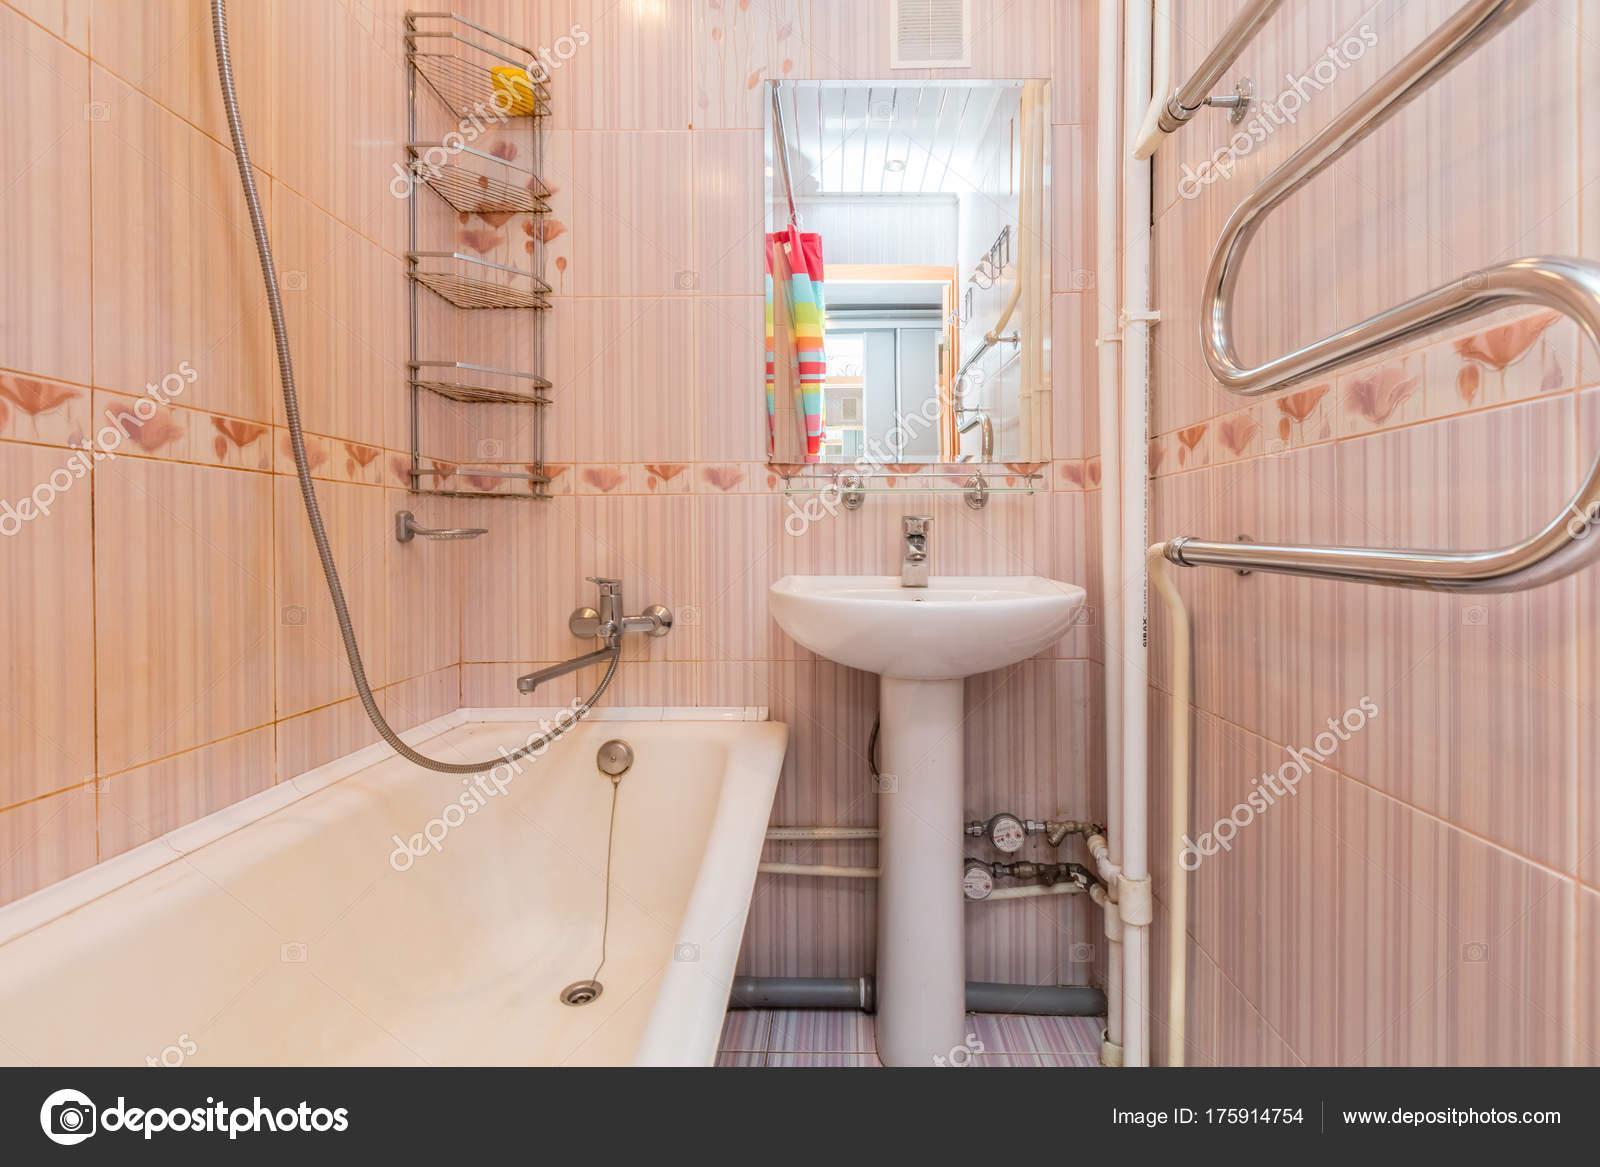 Kleine beige badkamer — Stockfoto © olgasweet #175914754